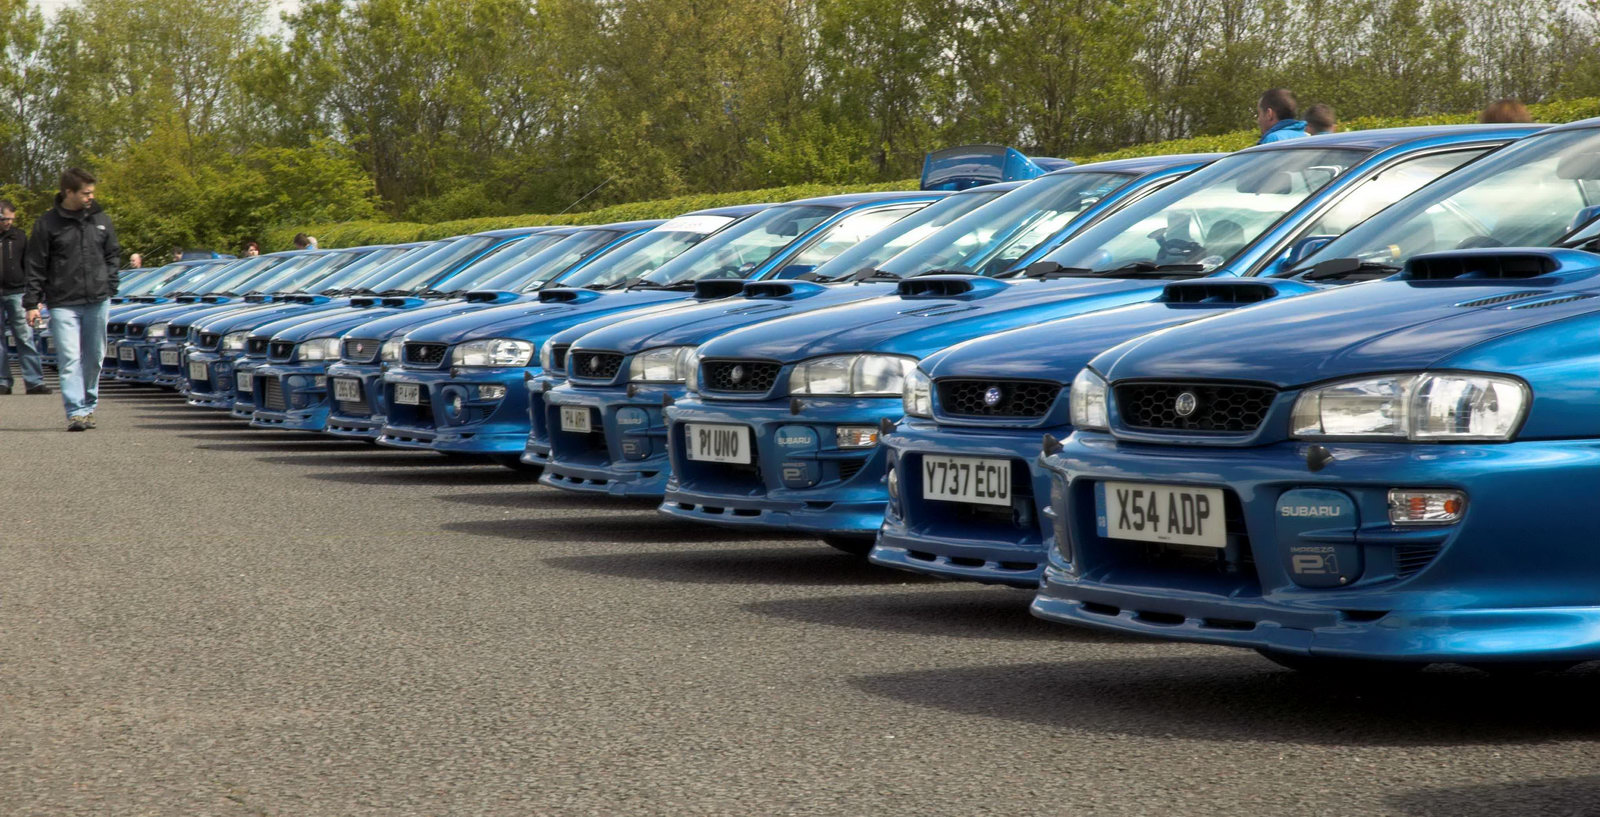 Subaru P1 Subaru-Impreza-P1-Coupe-7